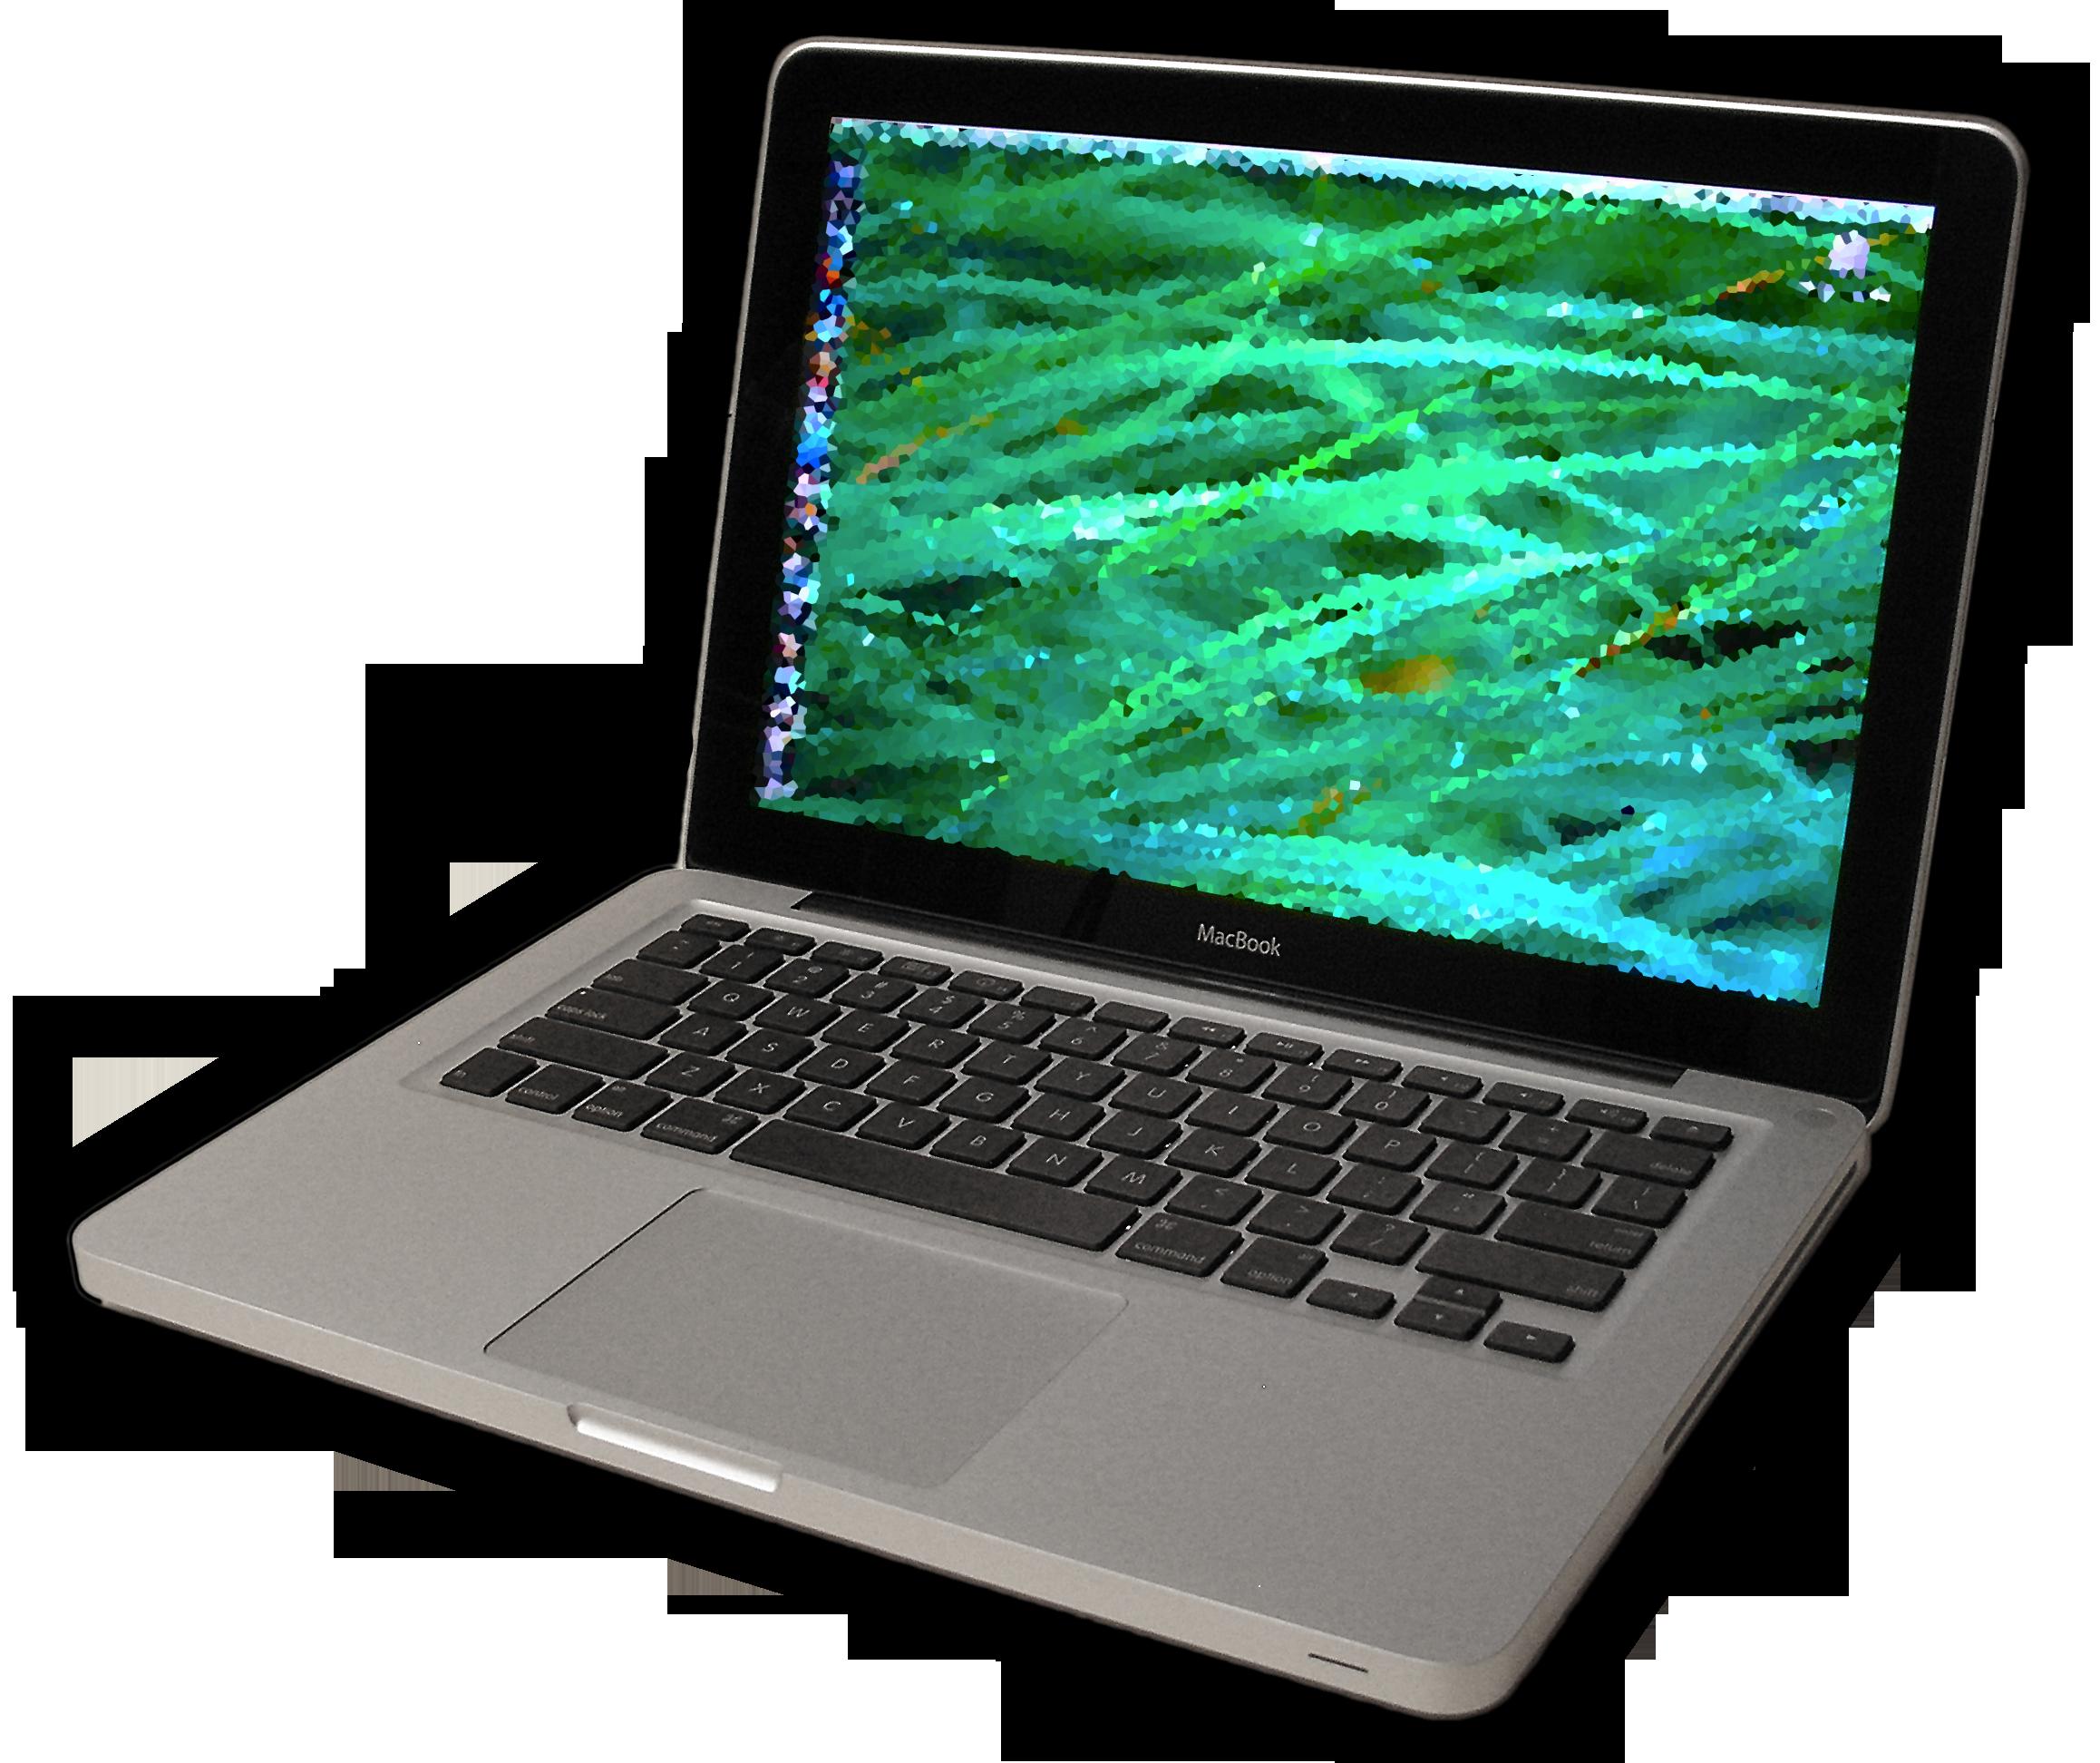 MacBook Apple Wallpaper